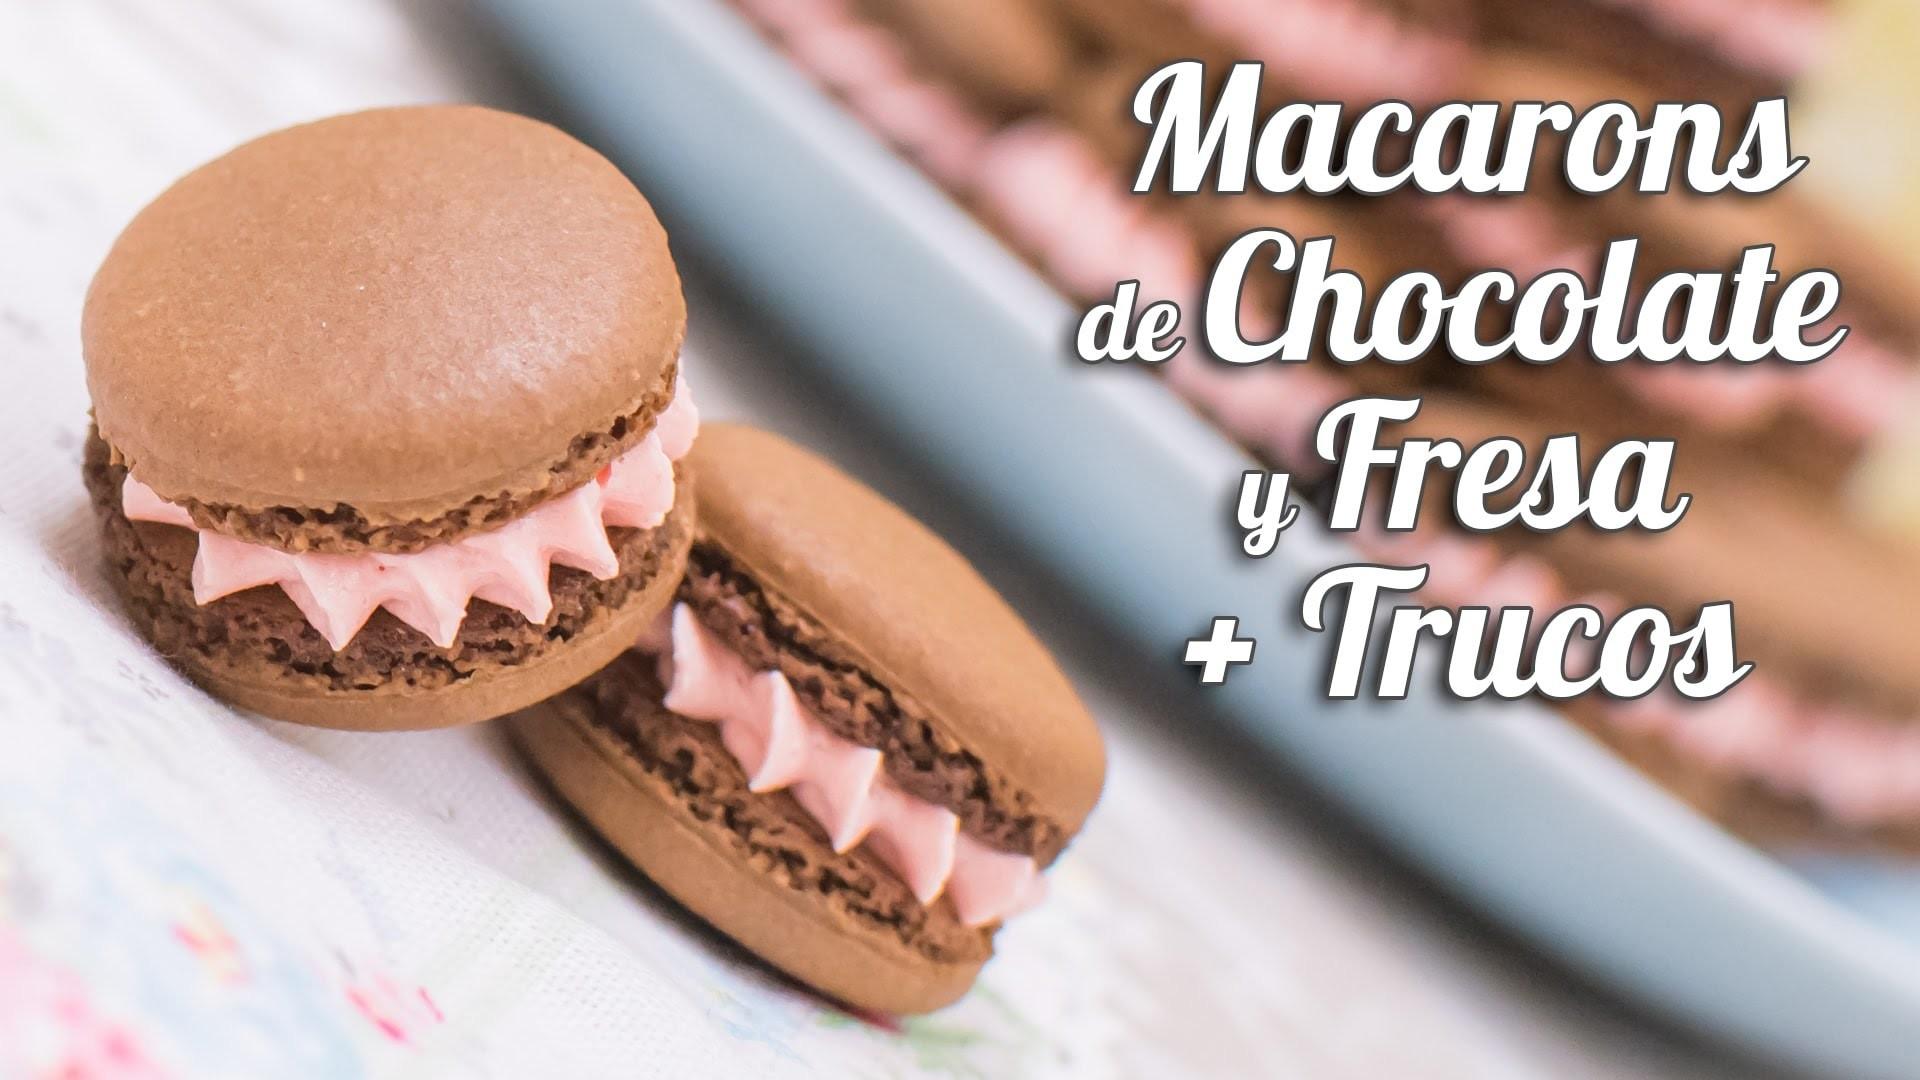 Macarons de chocolate y fresa + Trucos para macarons perfectos | Quiero Cupcakes!